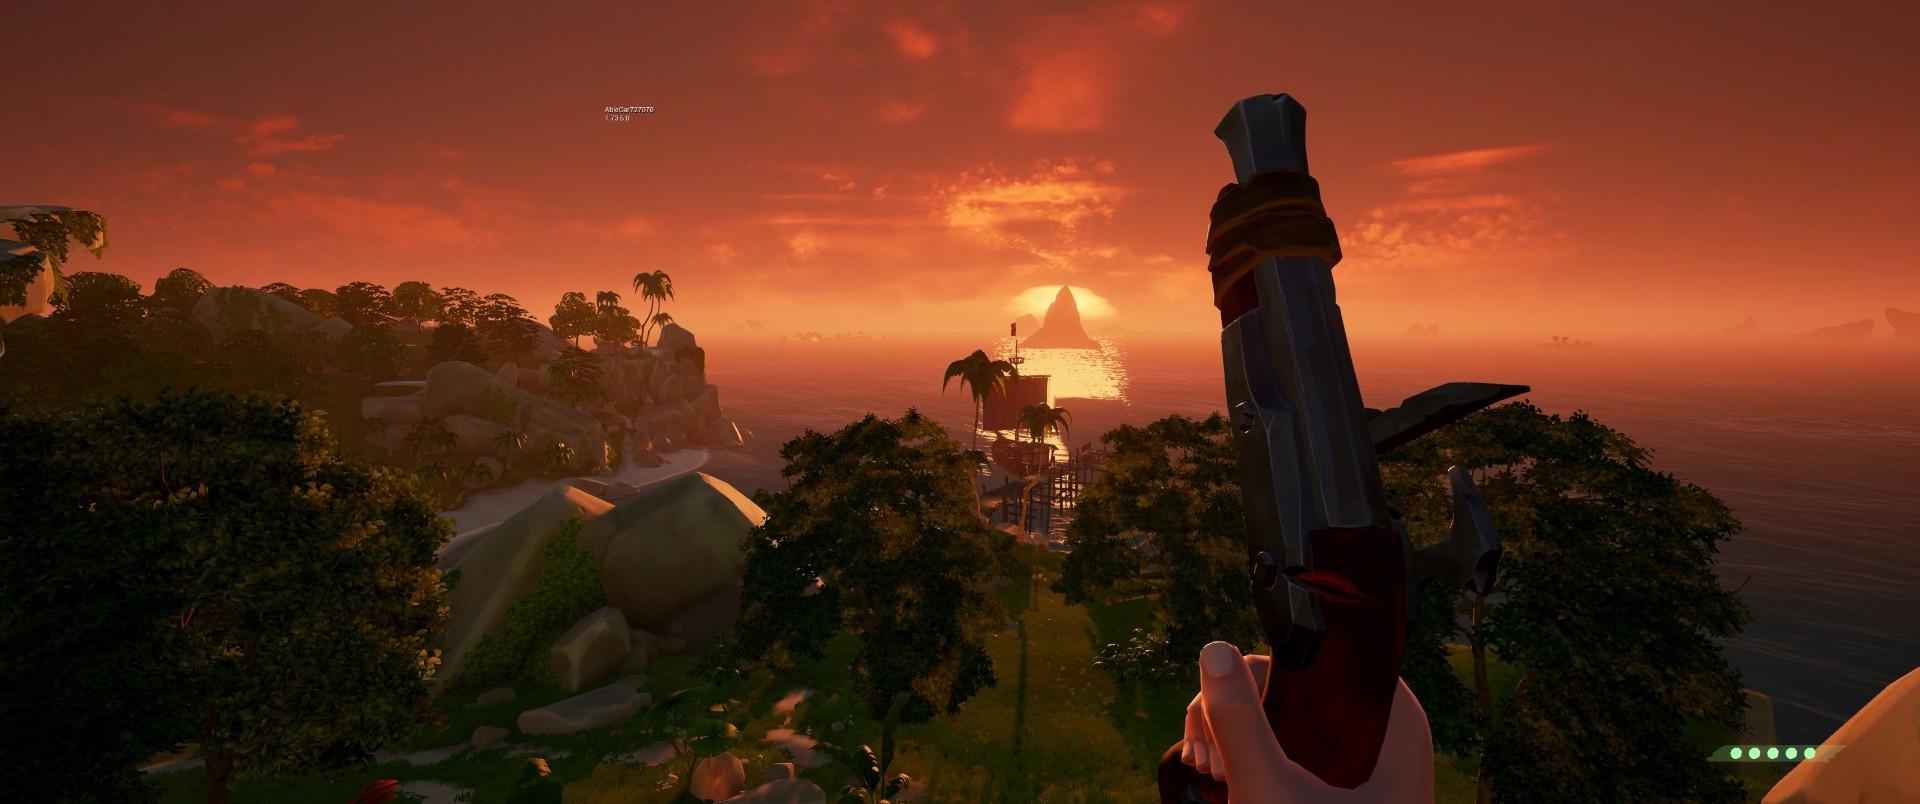 Une première bêta fermée de Sea of Thieves a eu lieu à la fin du mois de janvier, et même si les joueurs ont globalement été séduits par le jeu de pirates de Rare, il faut reconnaître que ...